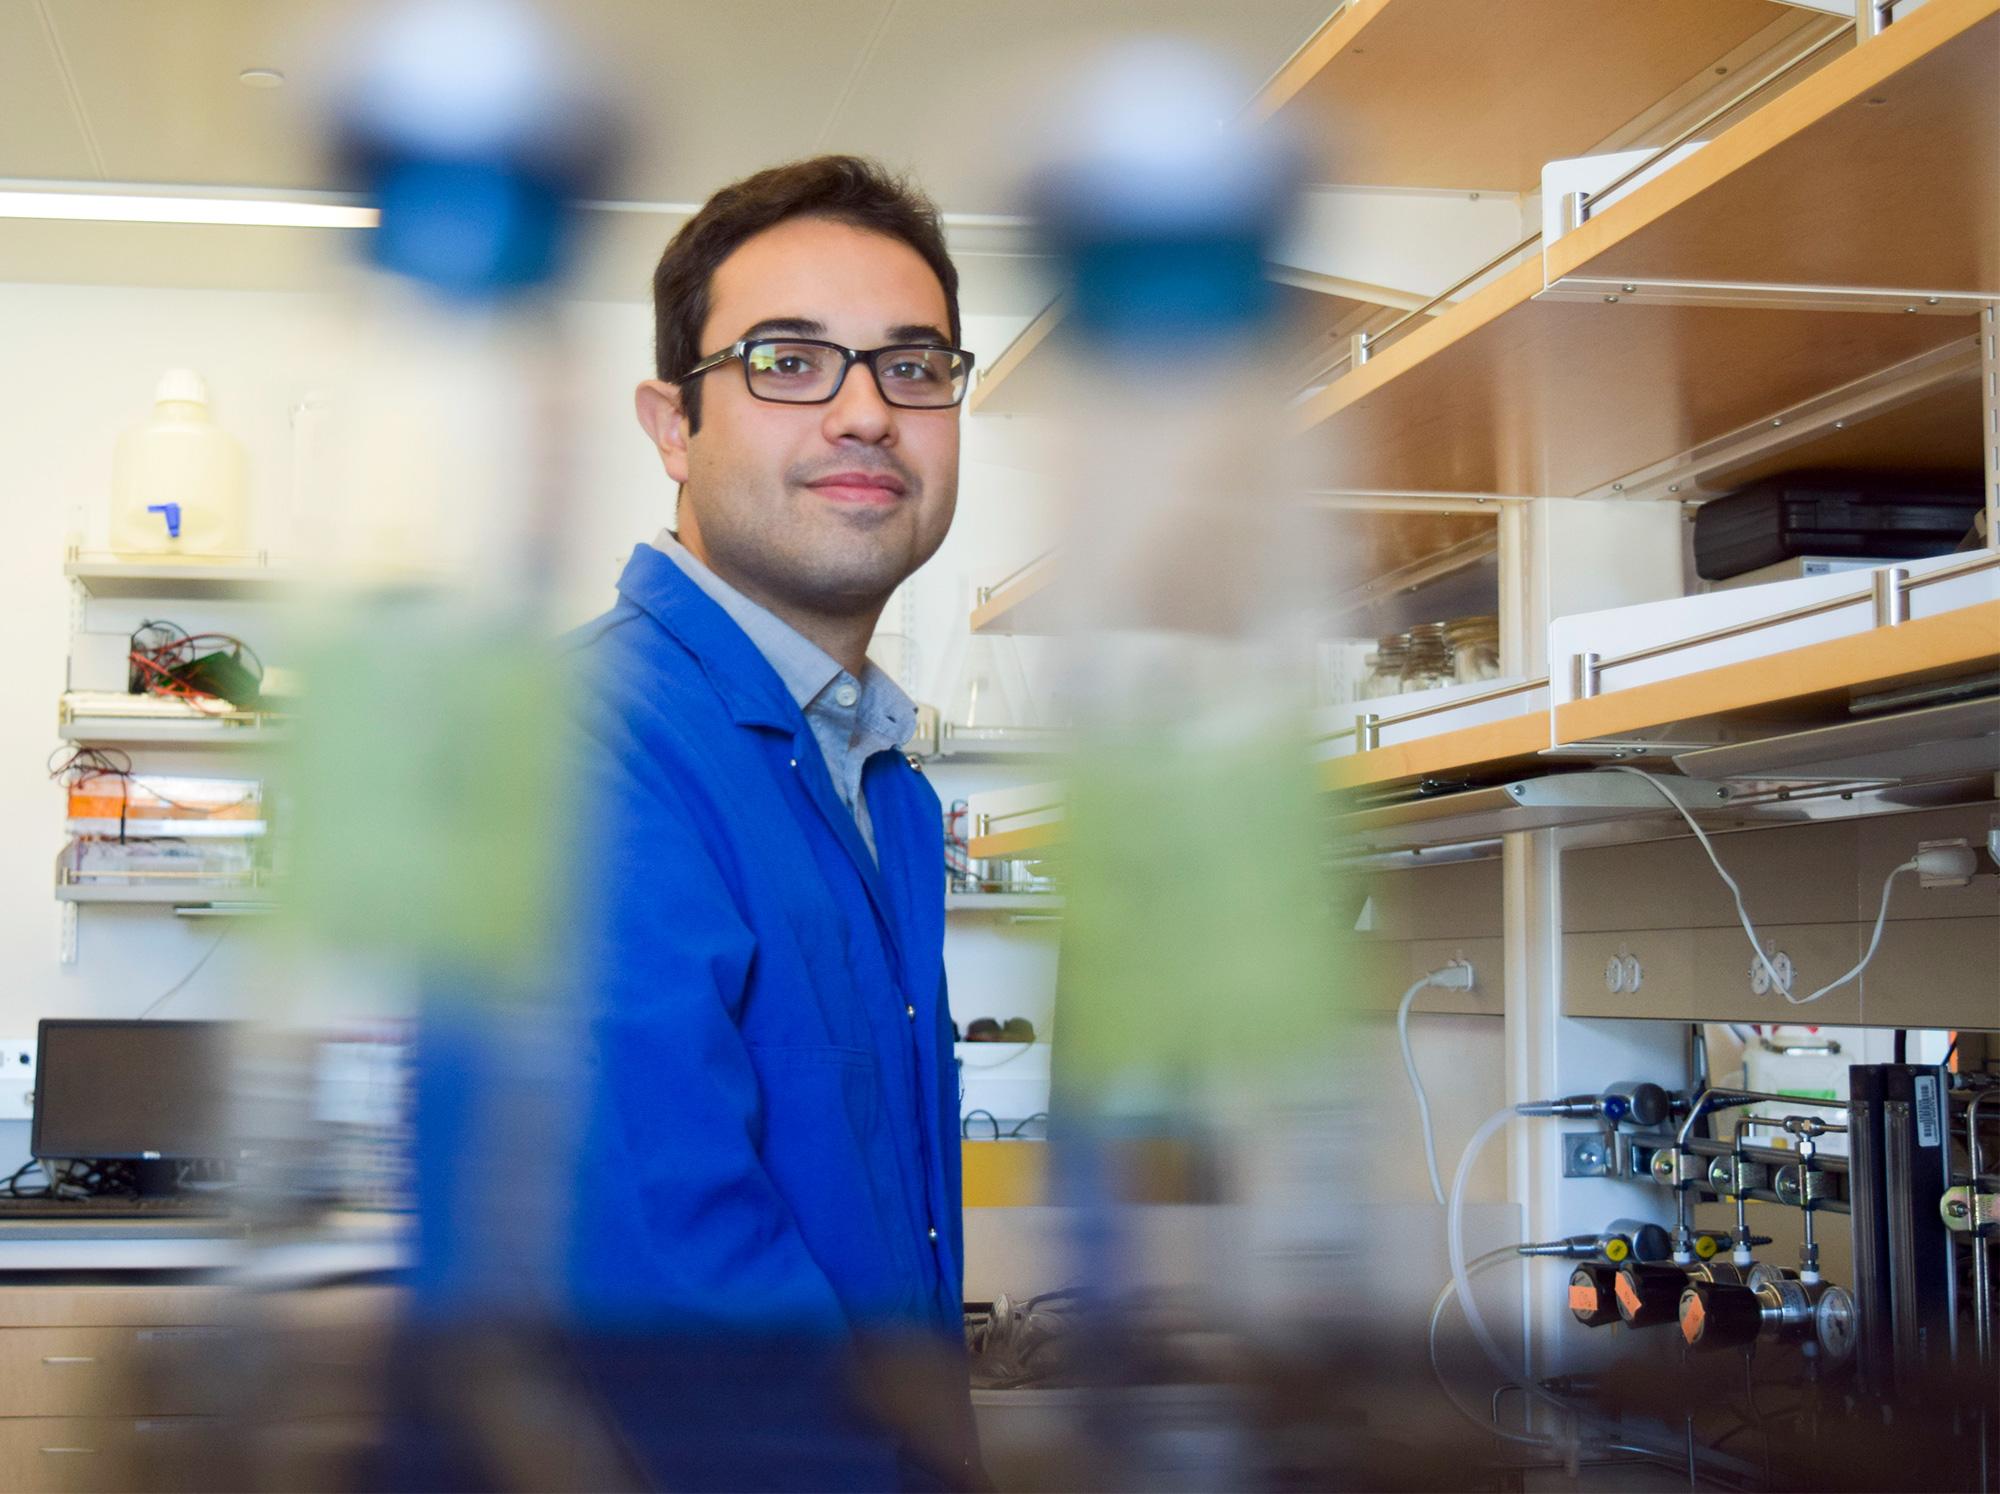 A researcher in a lab